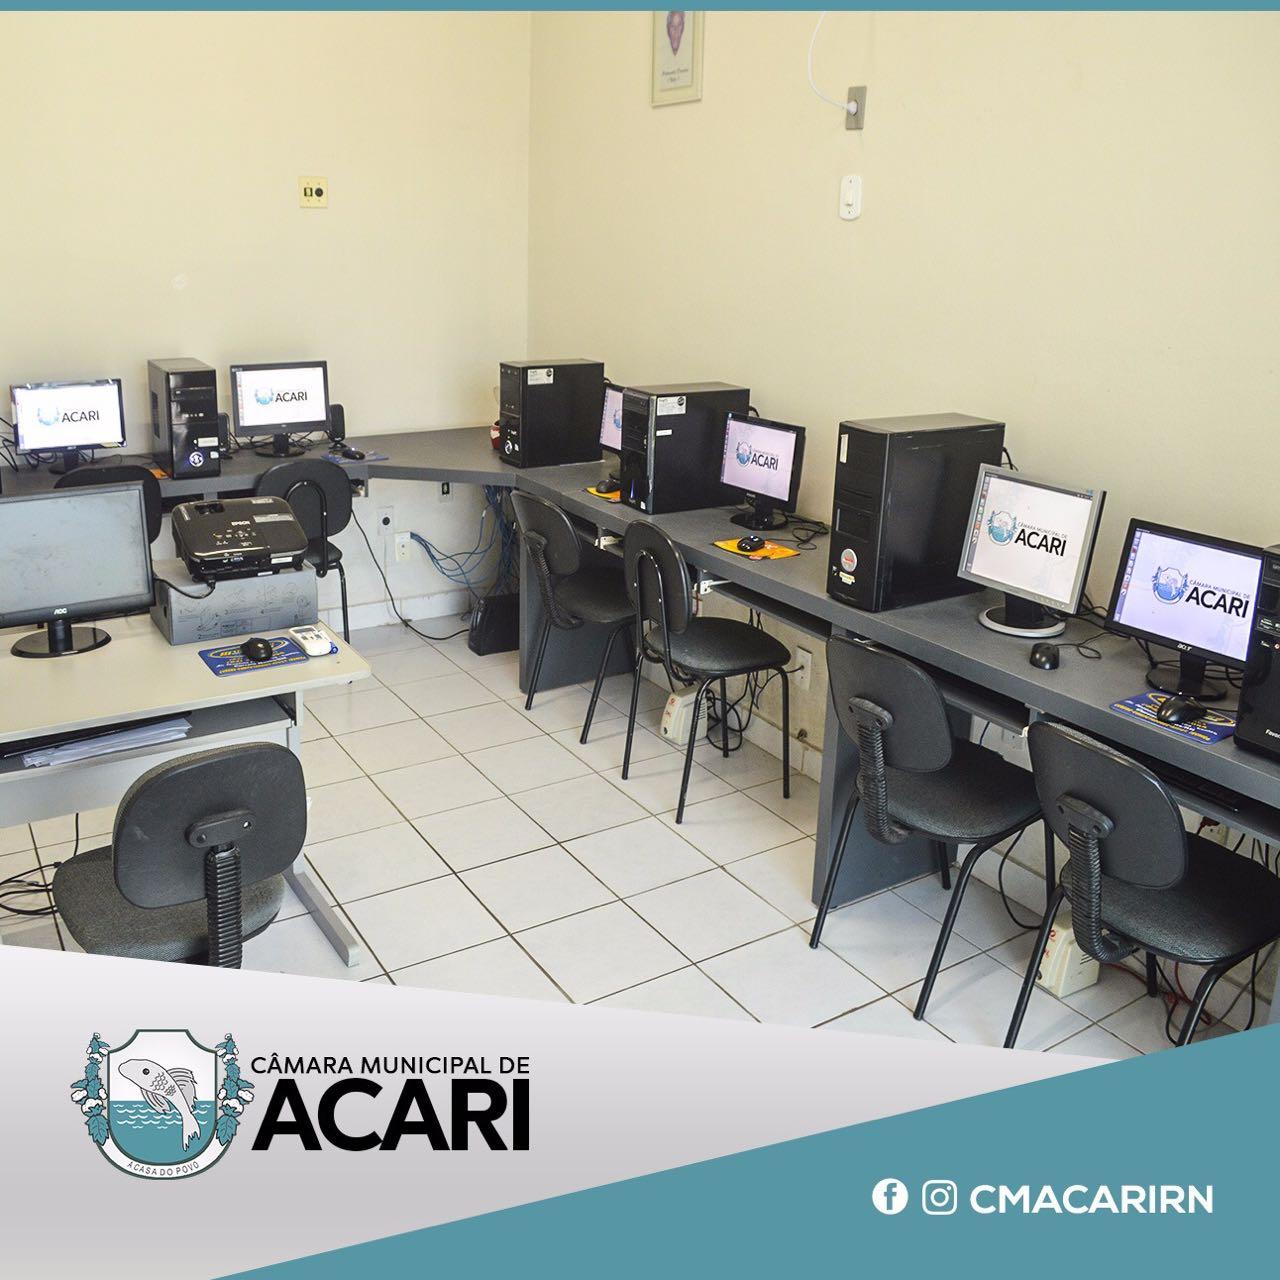 CÂMARA MUNICIPAL DE ACARI DIVULGA TURMAS PARA CURSO DE OPERADOR DE COMPUTADOR